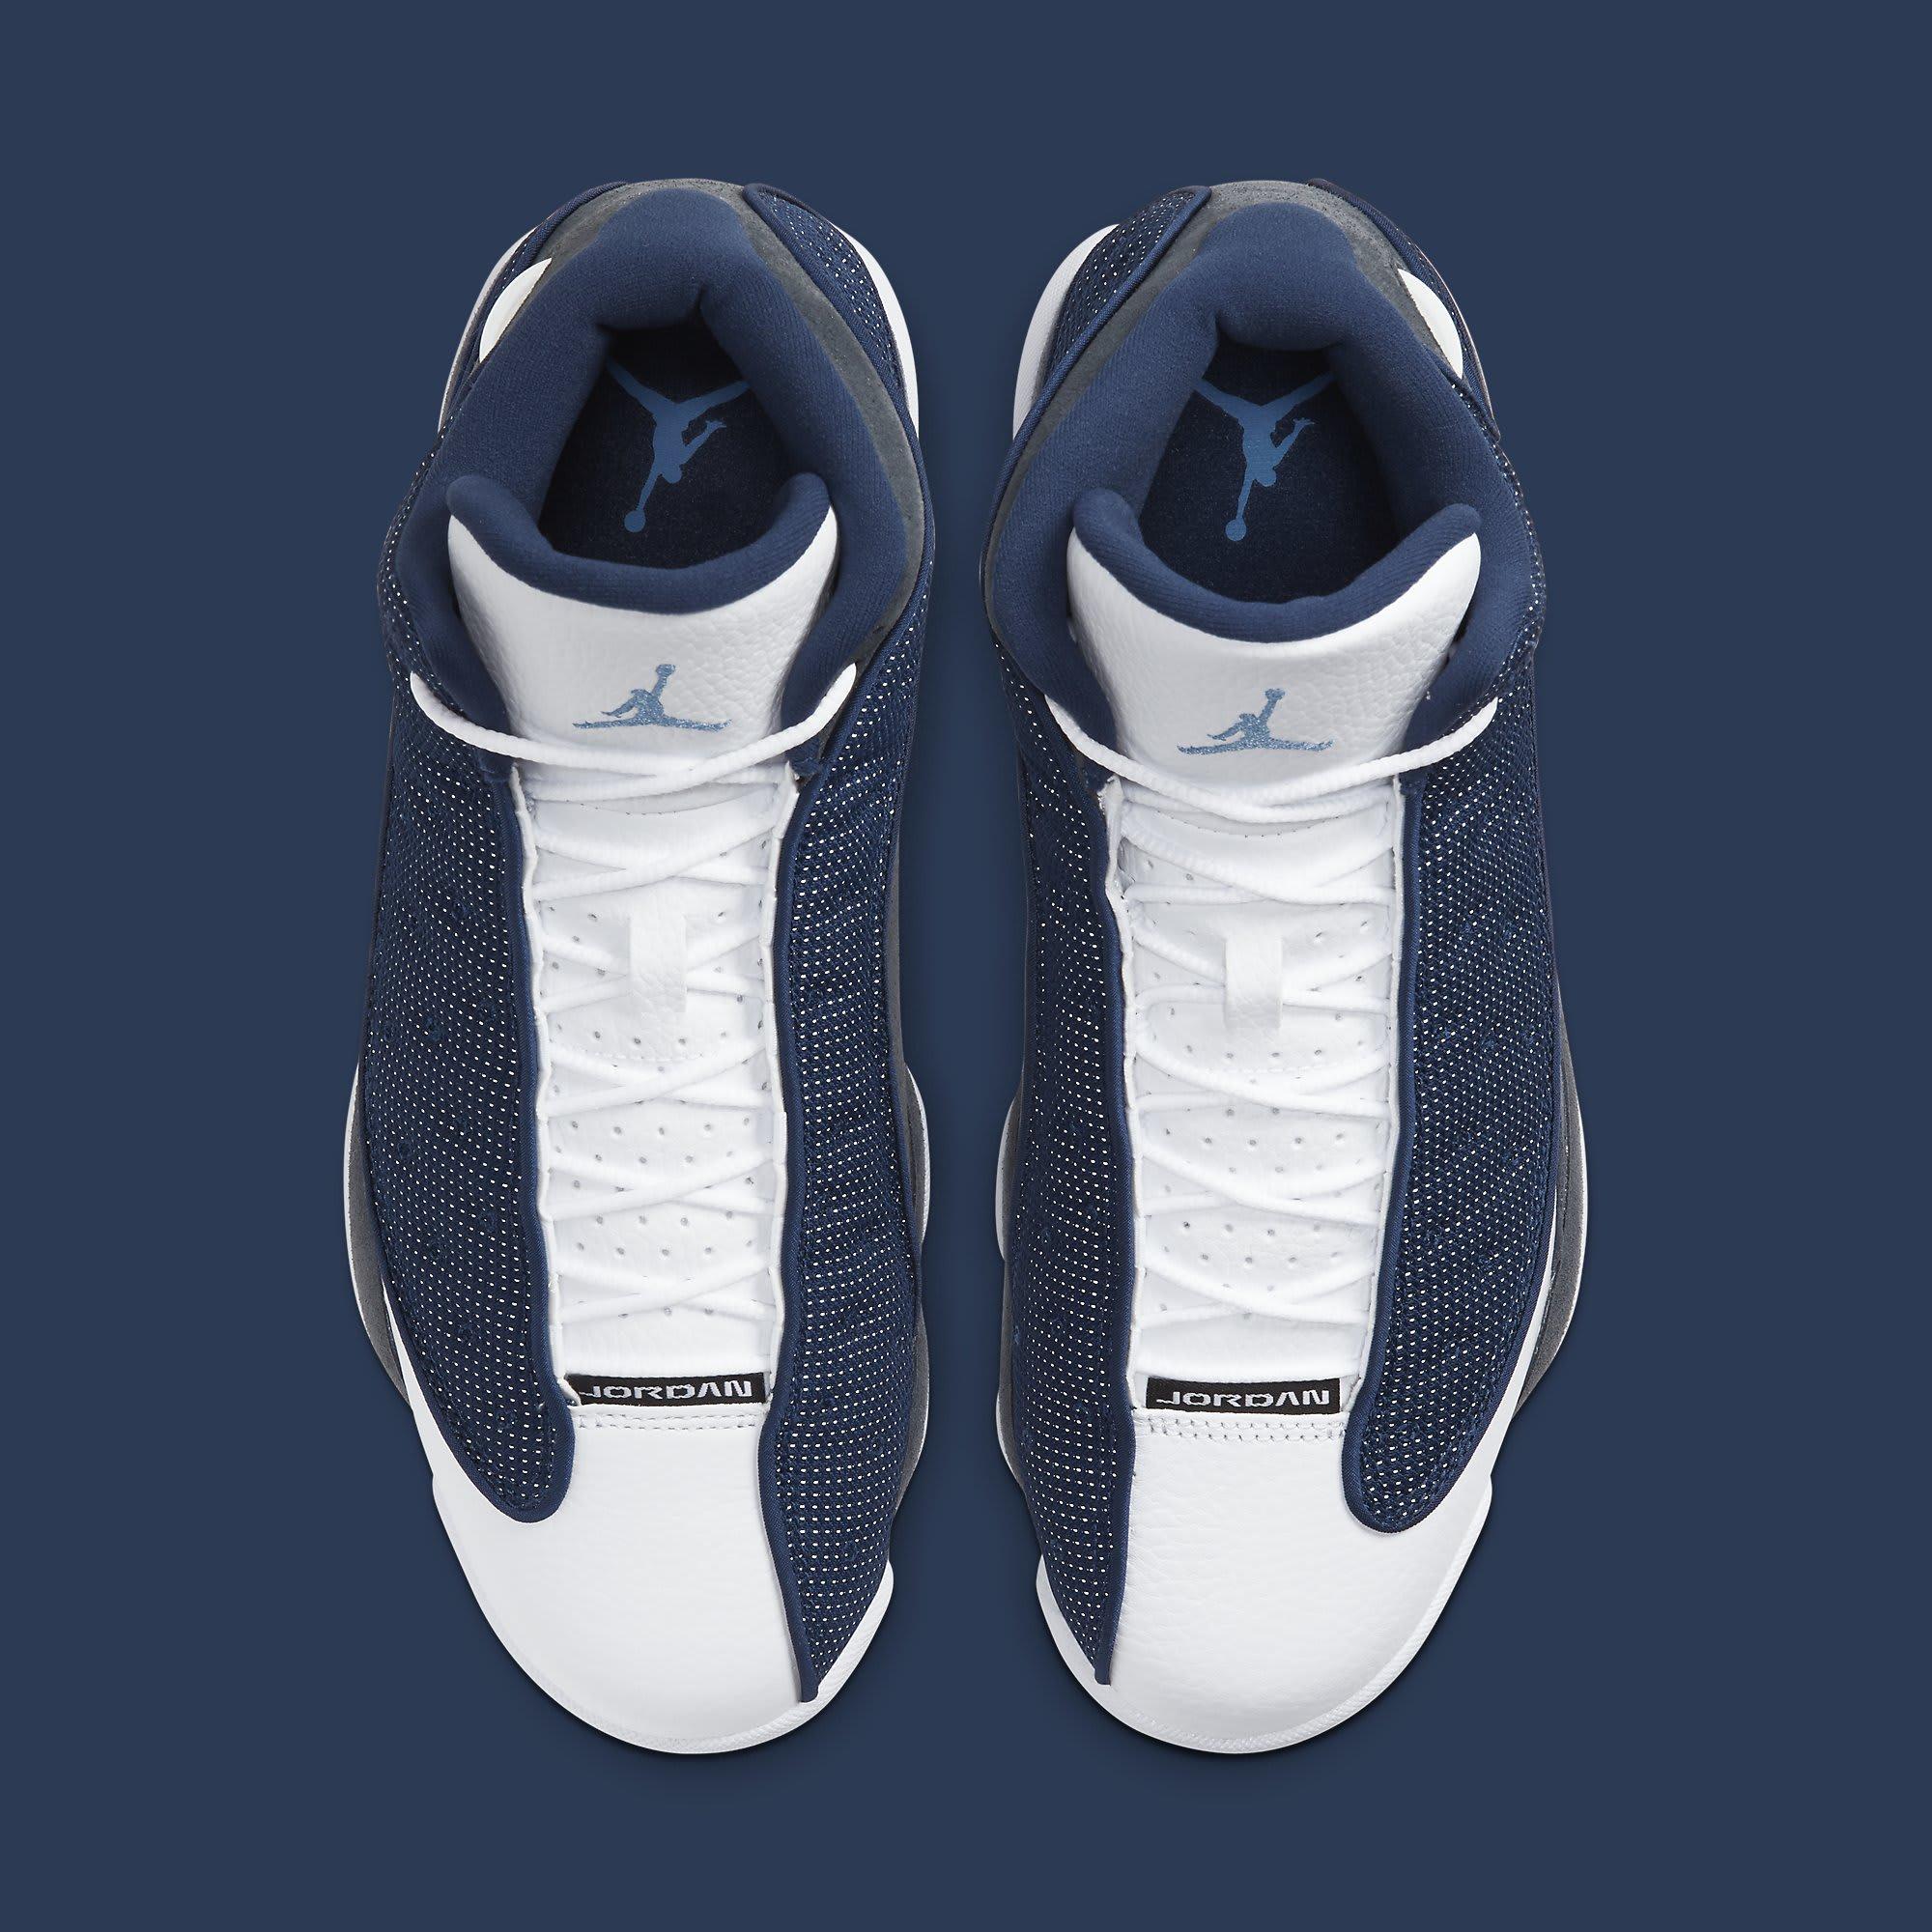 Air Jordan 13 Retro 'Flint' 414571-404 Top